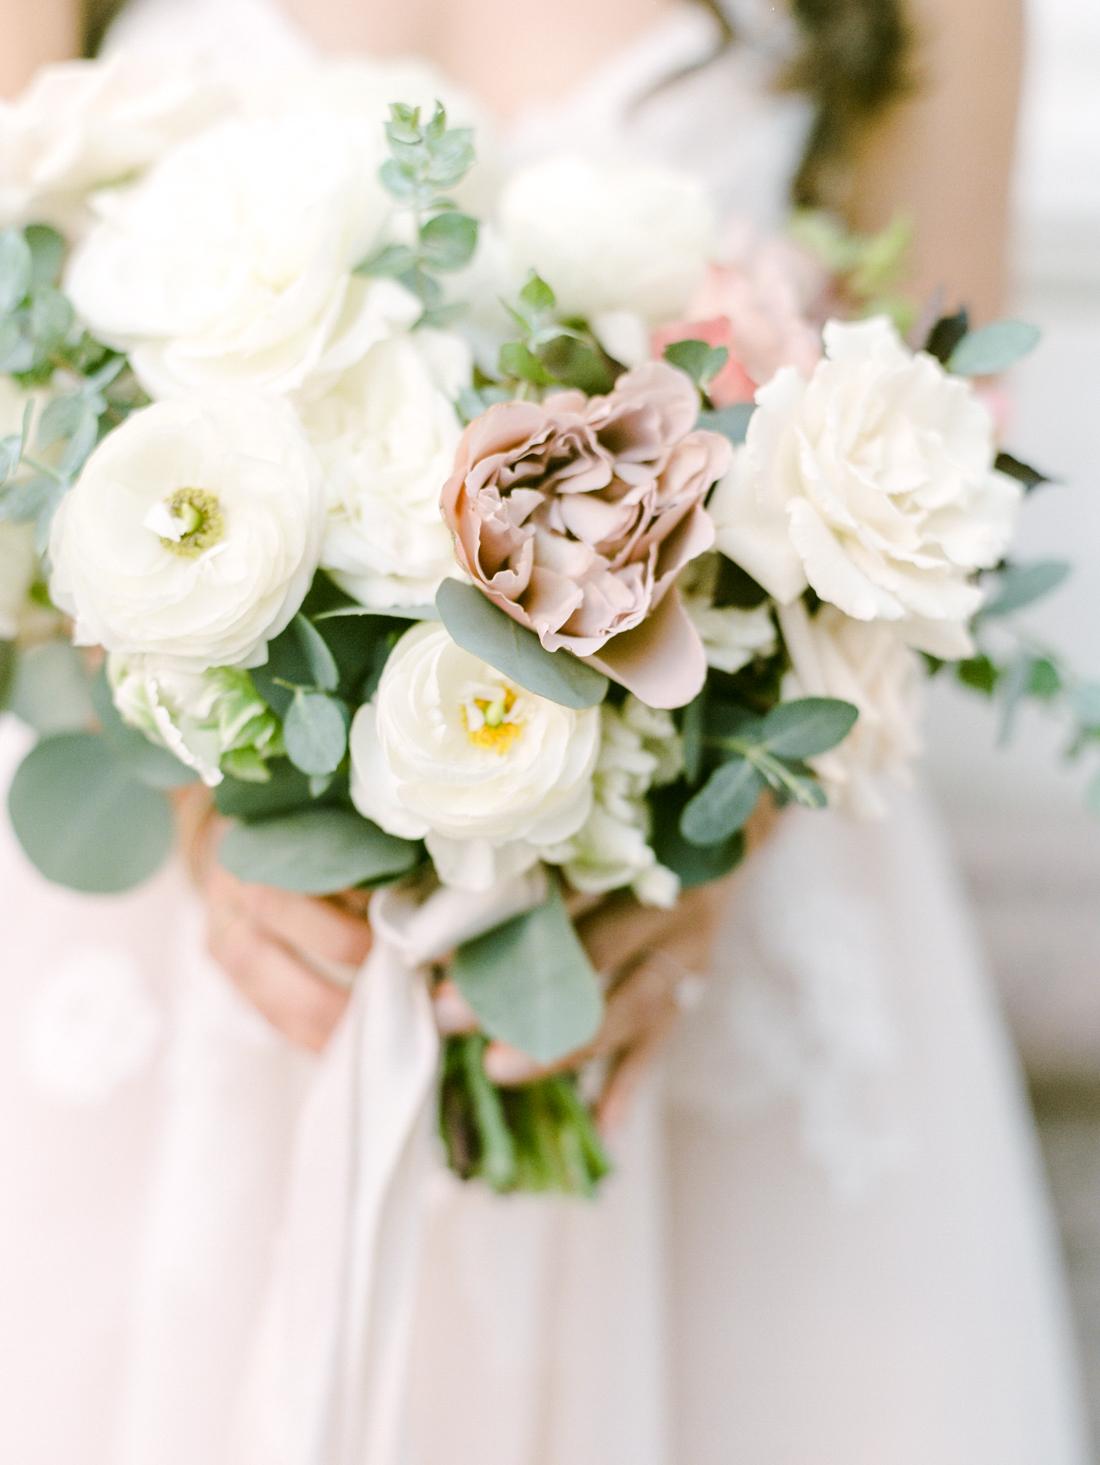 Kristin_Brett_TheKitchen_Denver_Wedding_by_Connie_Whitlock_web_148.jpg